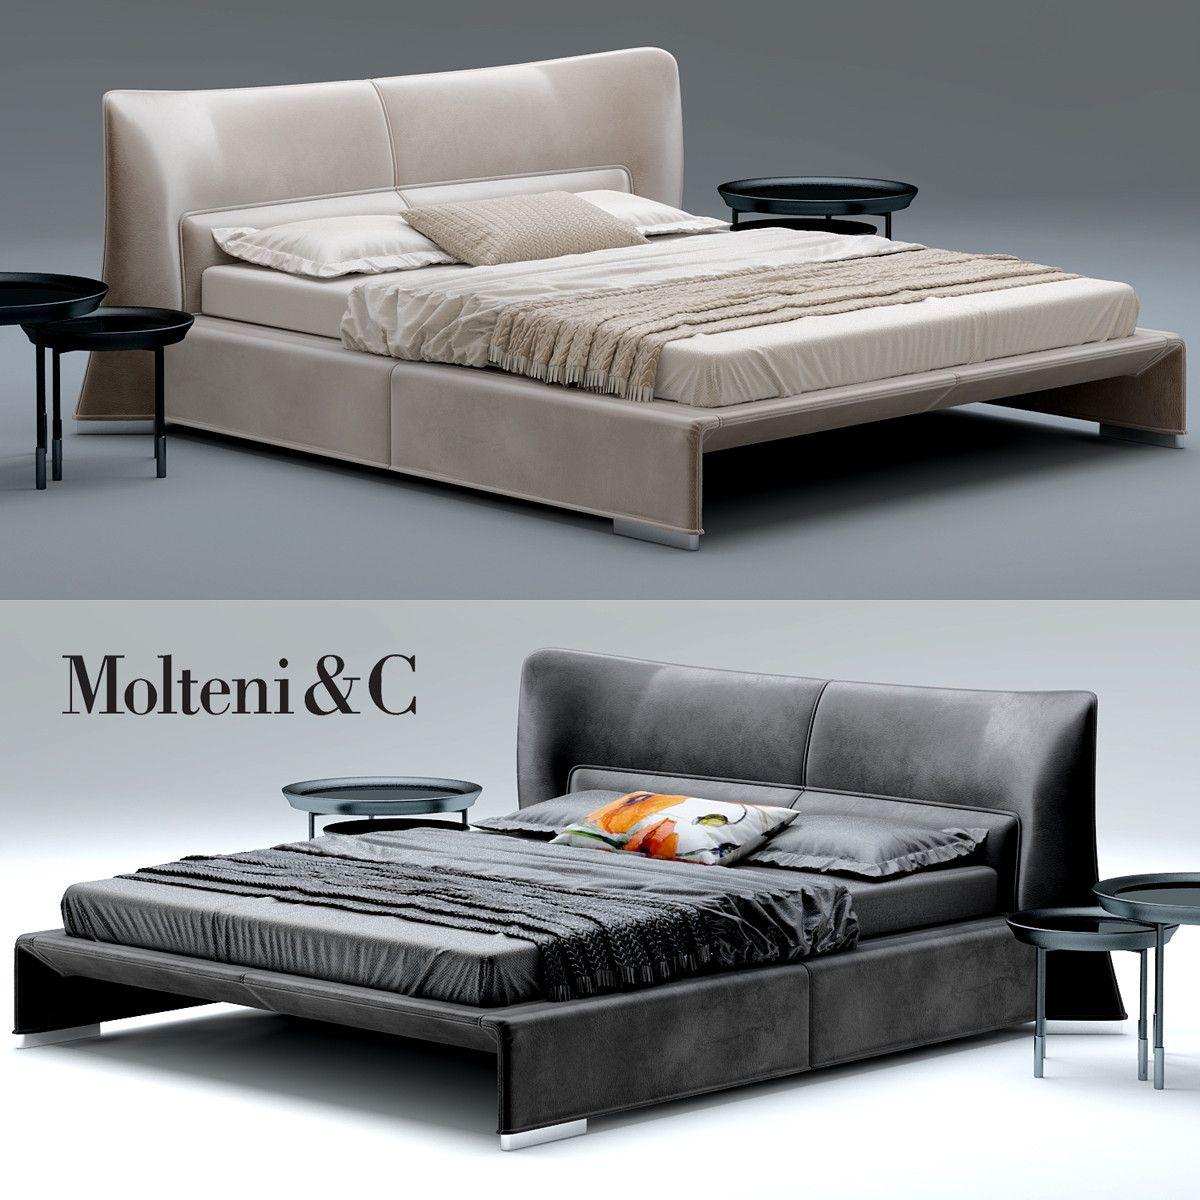 3d glove bed molteni | beds ideas | Pinterest | Betten, Werkstatt ...